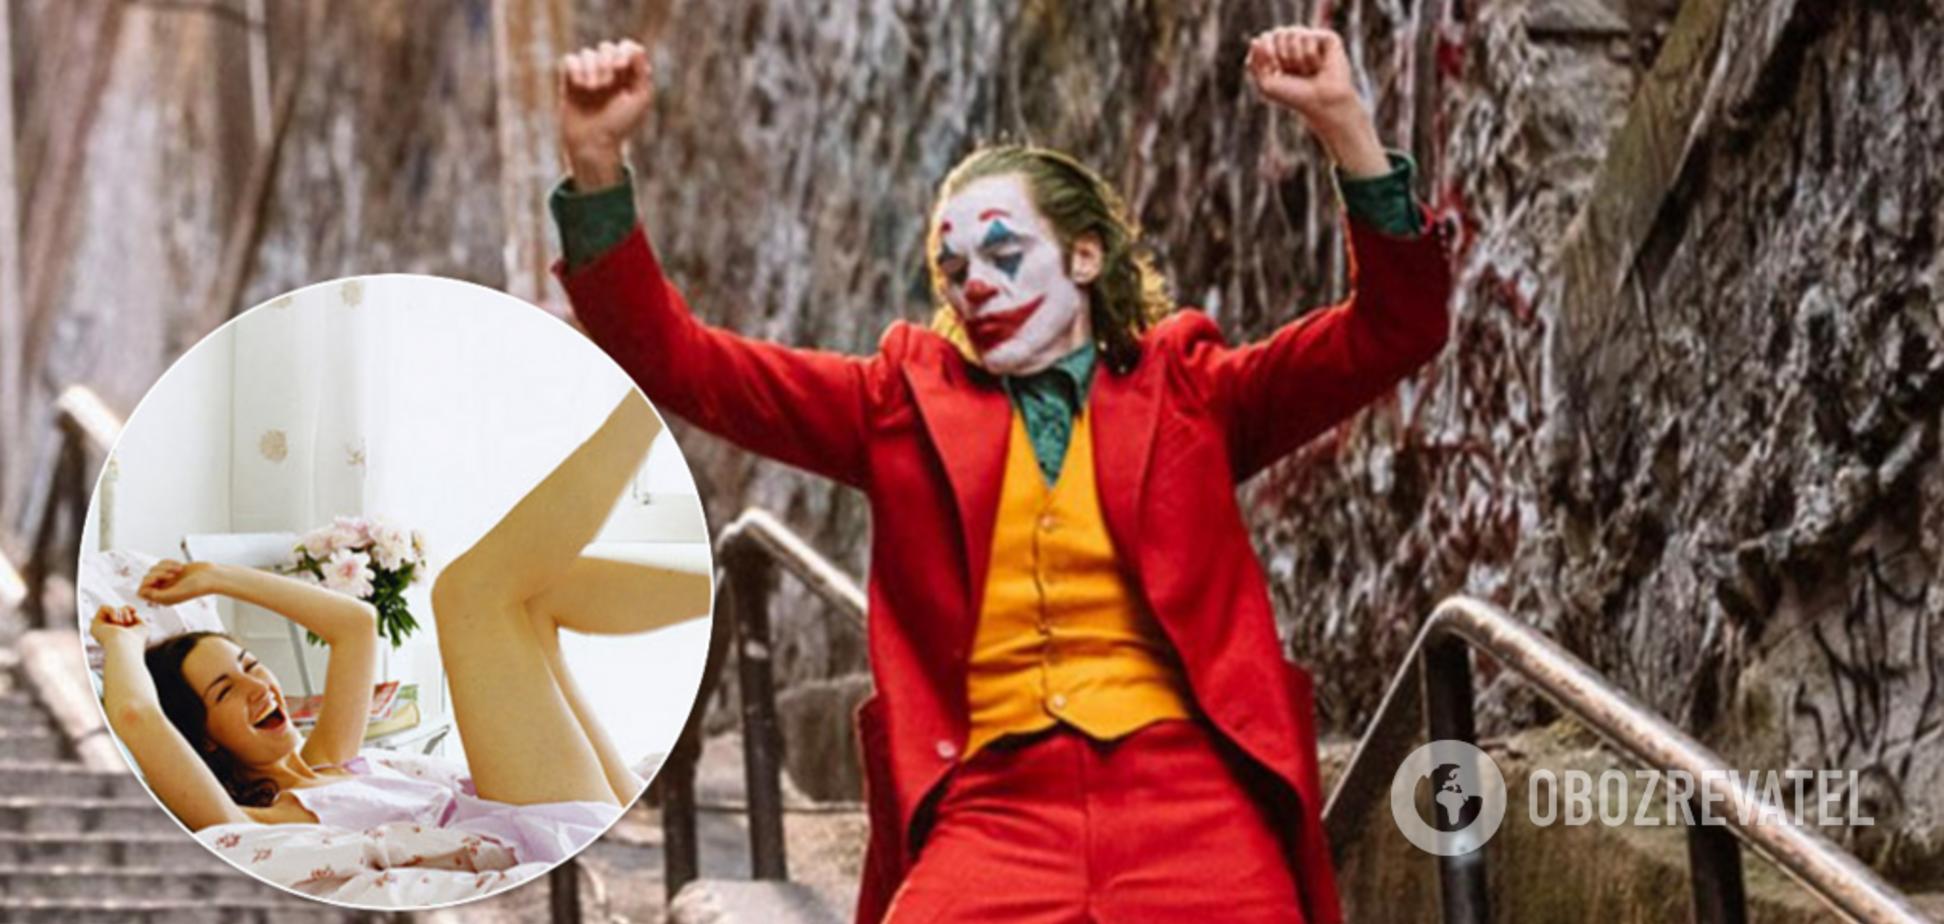 'Для любовних утіх': Джокер прорекламував матраци 'Венето'